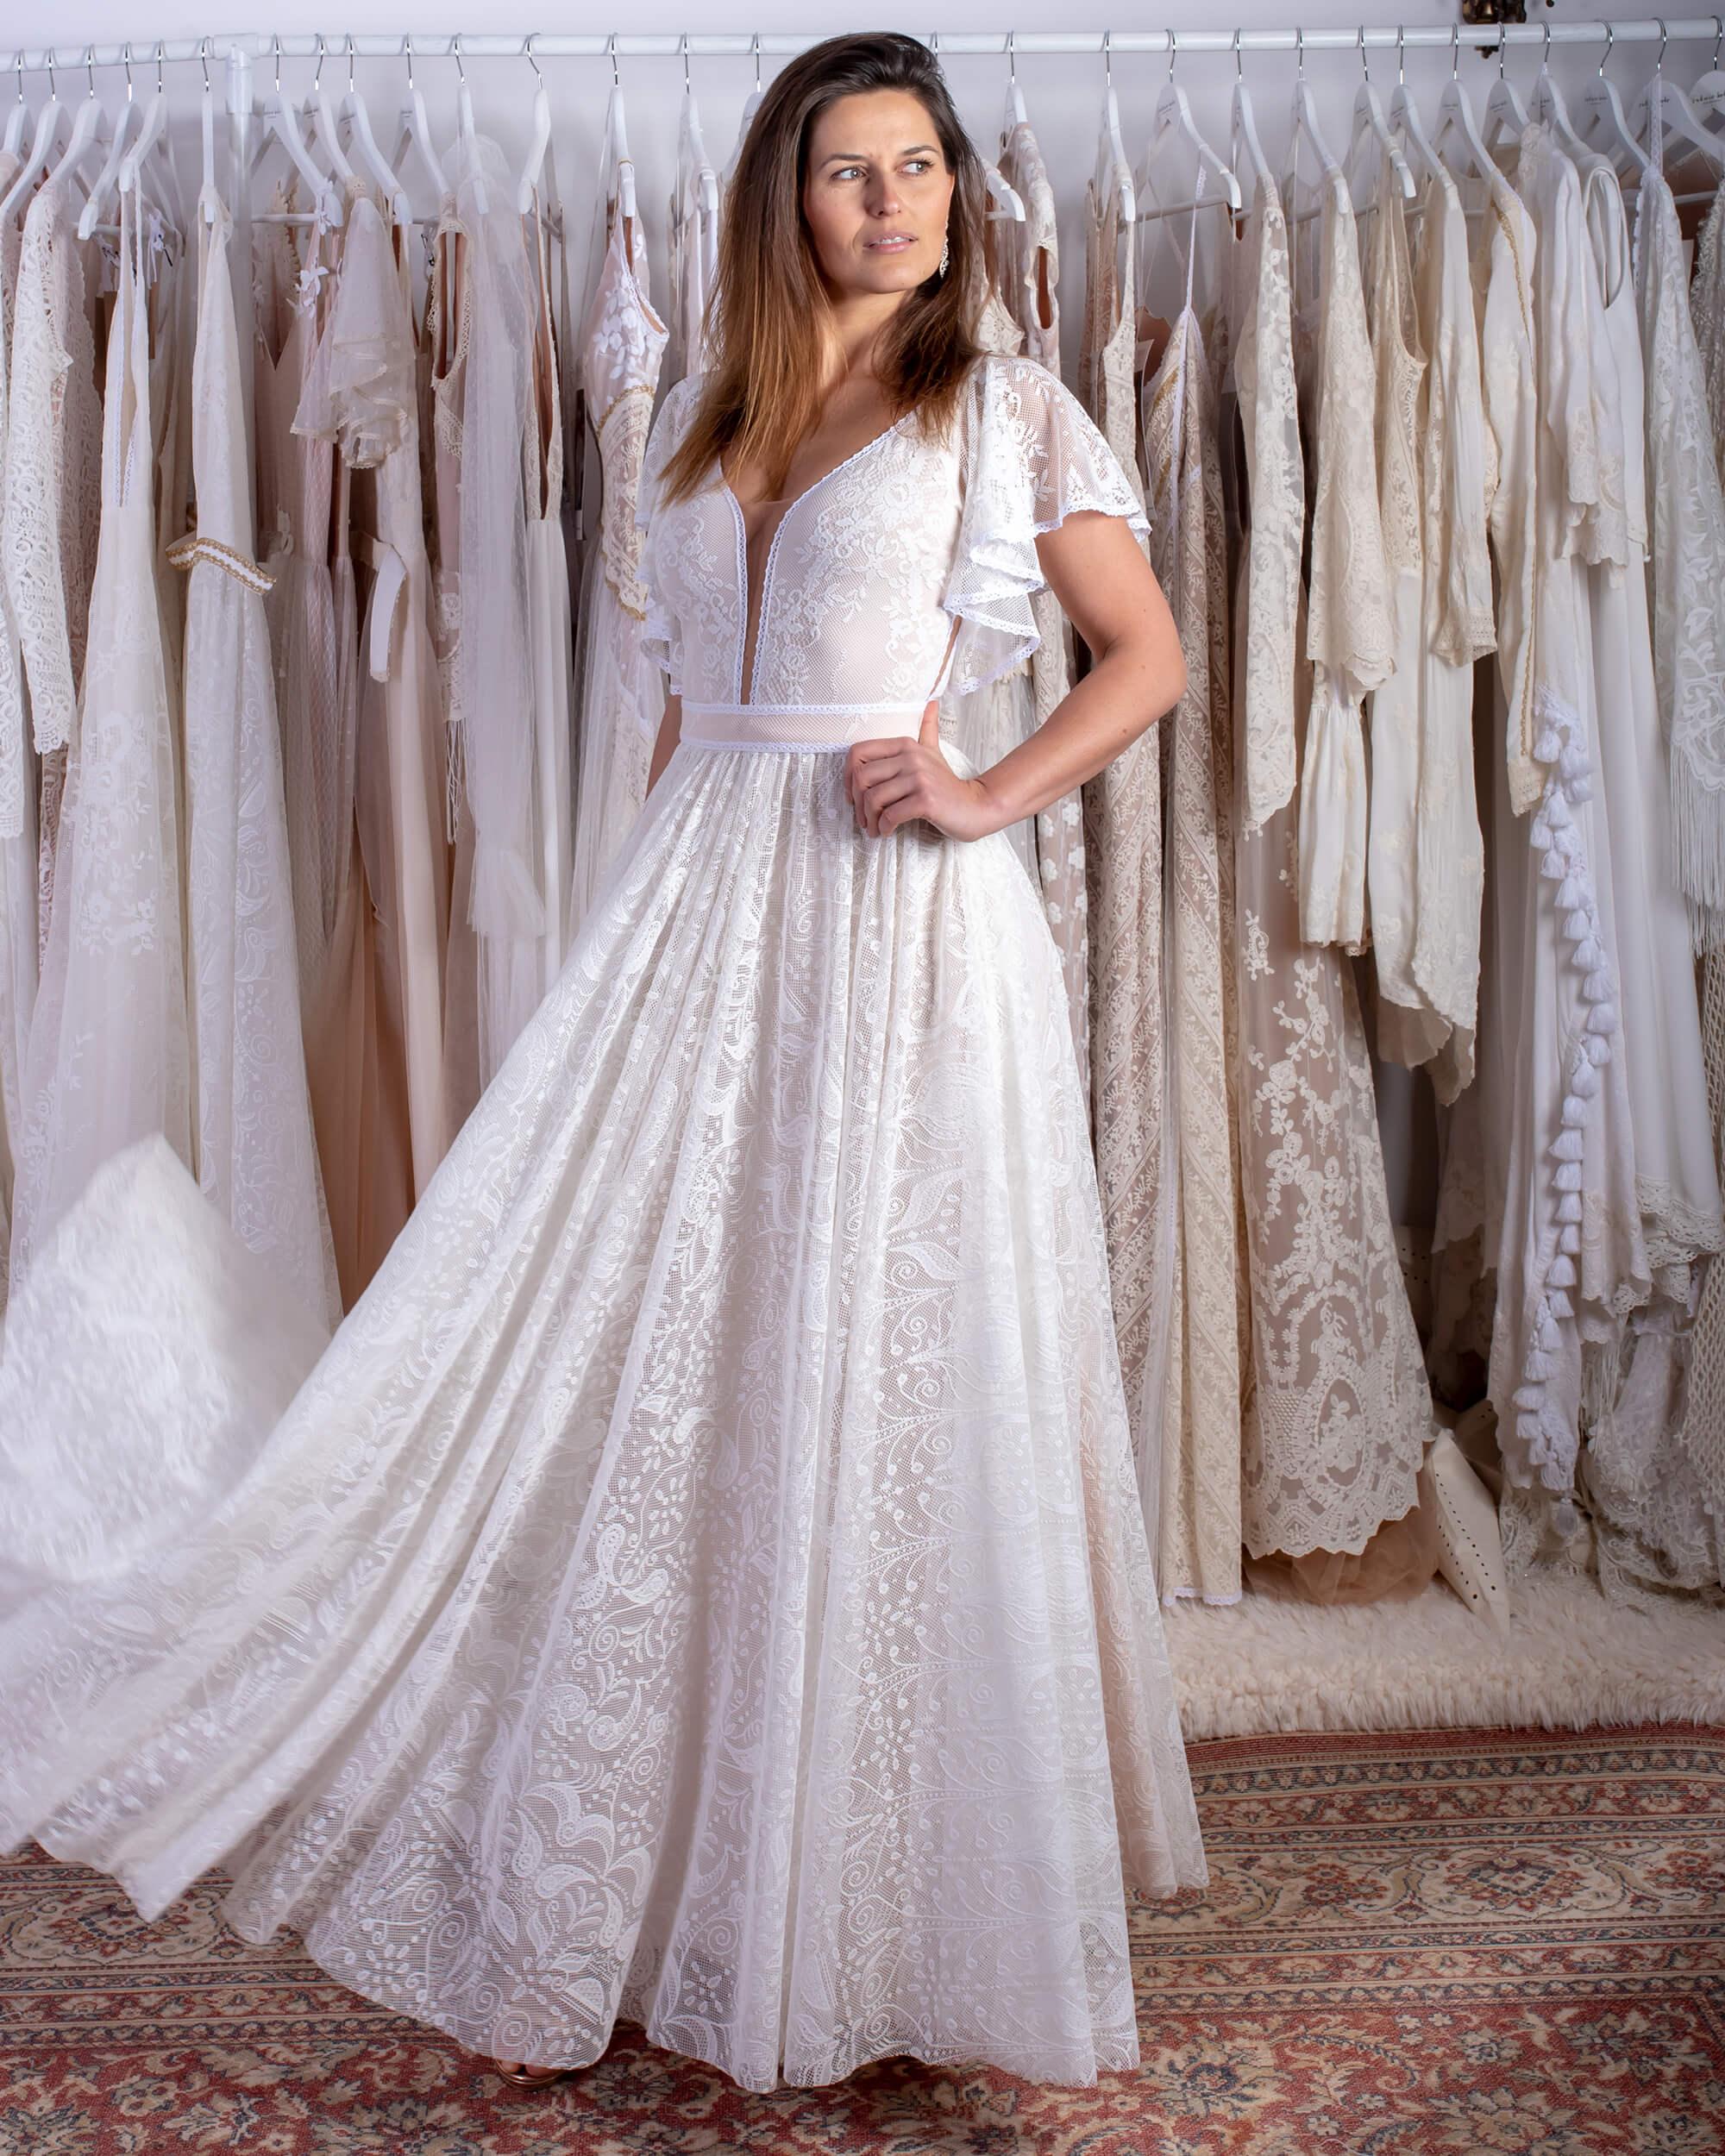 biała klasyczna suknia ślubna z rękawkami